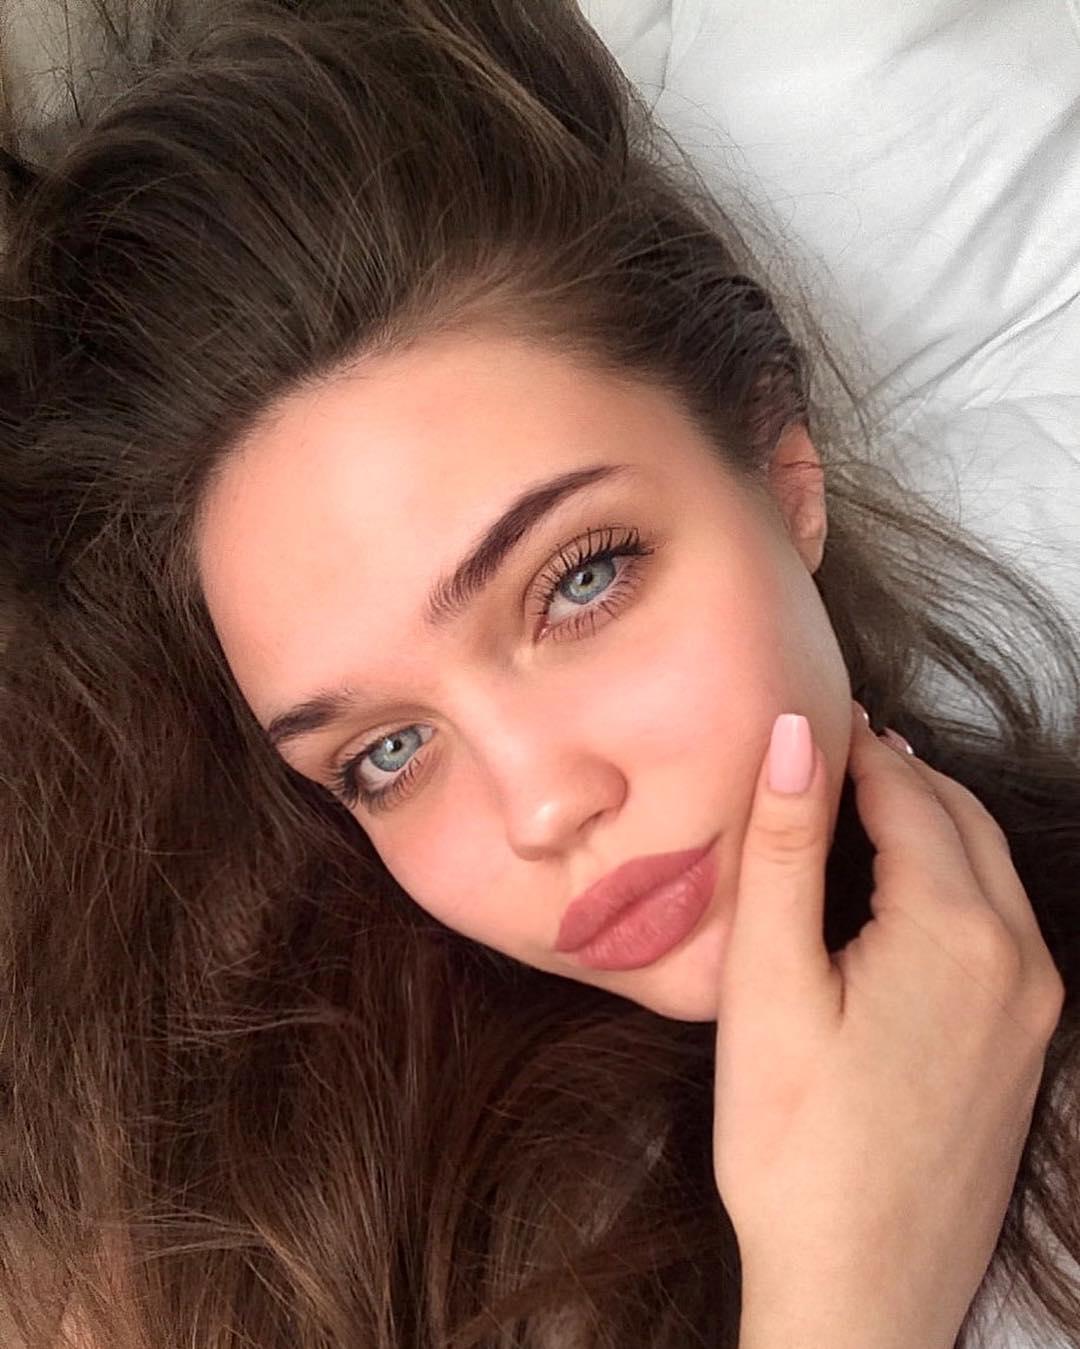 Eliza-Kayudina-Wallpapers-Insta-Fit-Bio-12